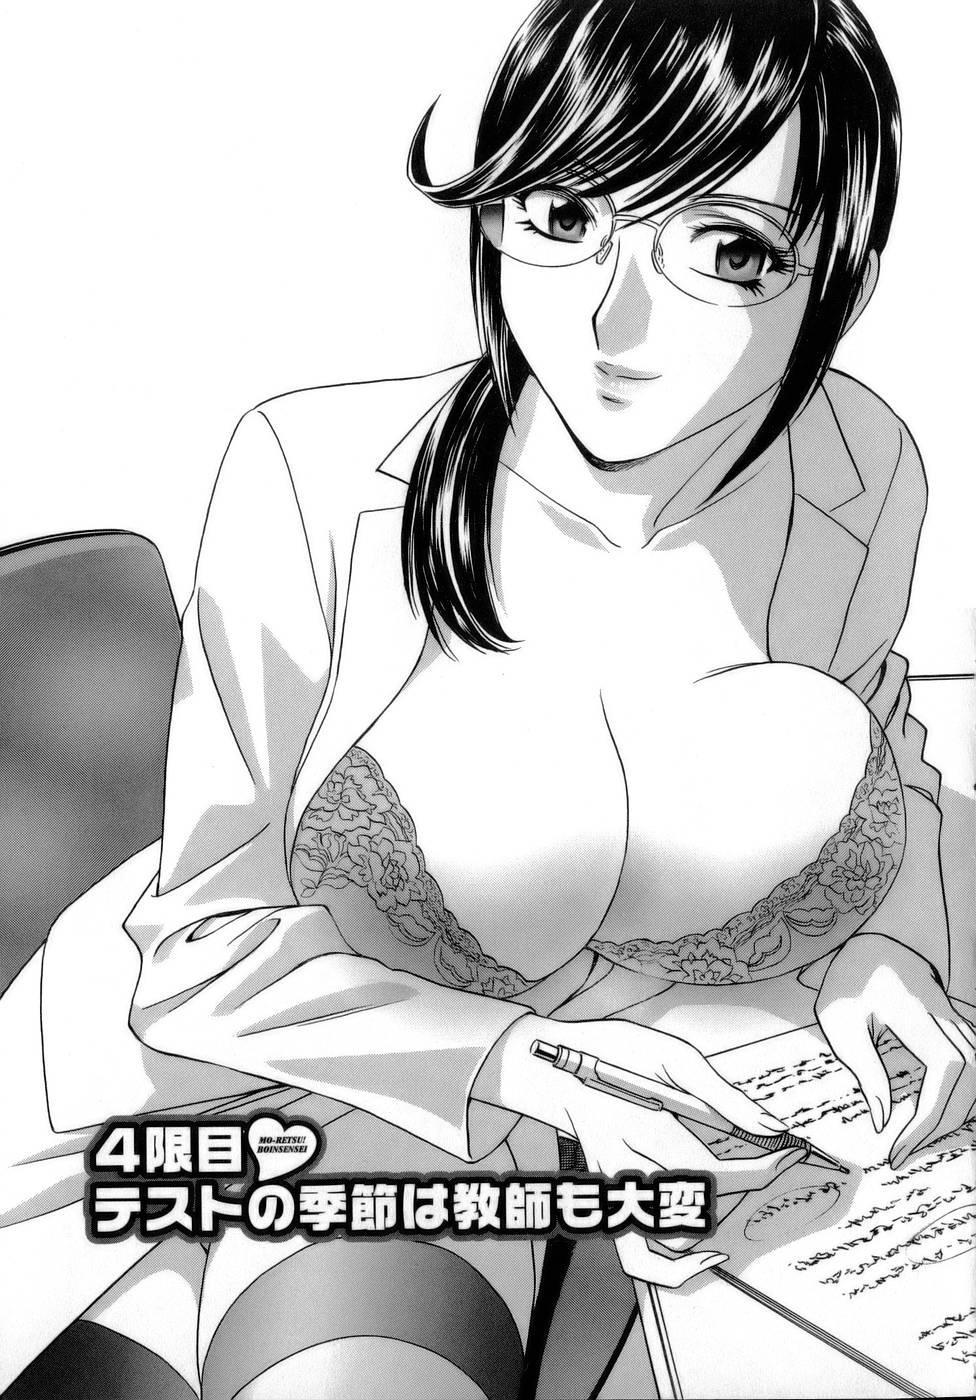 [Hidemaru] Mo-Retsu! Boin Sensei (Boing Boing Teacher) Vol.1 72